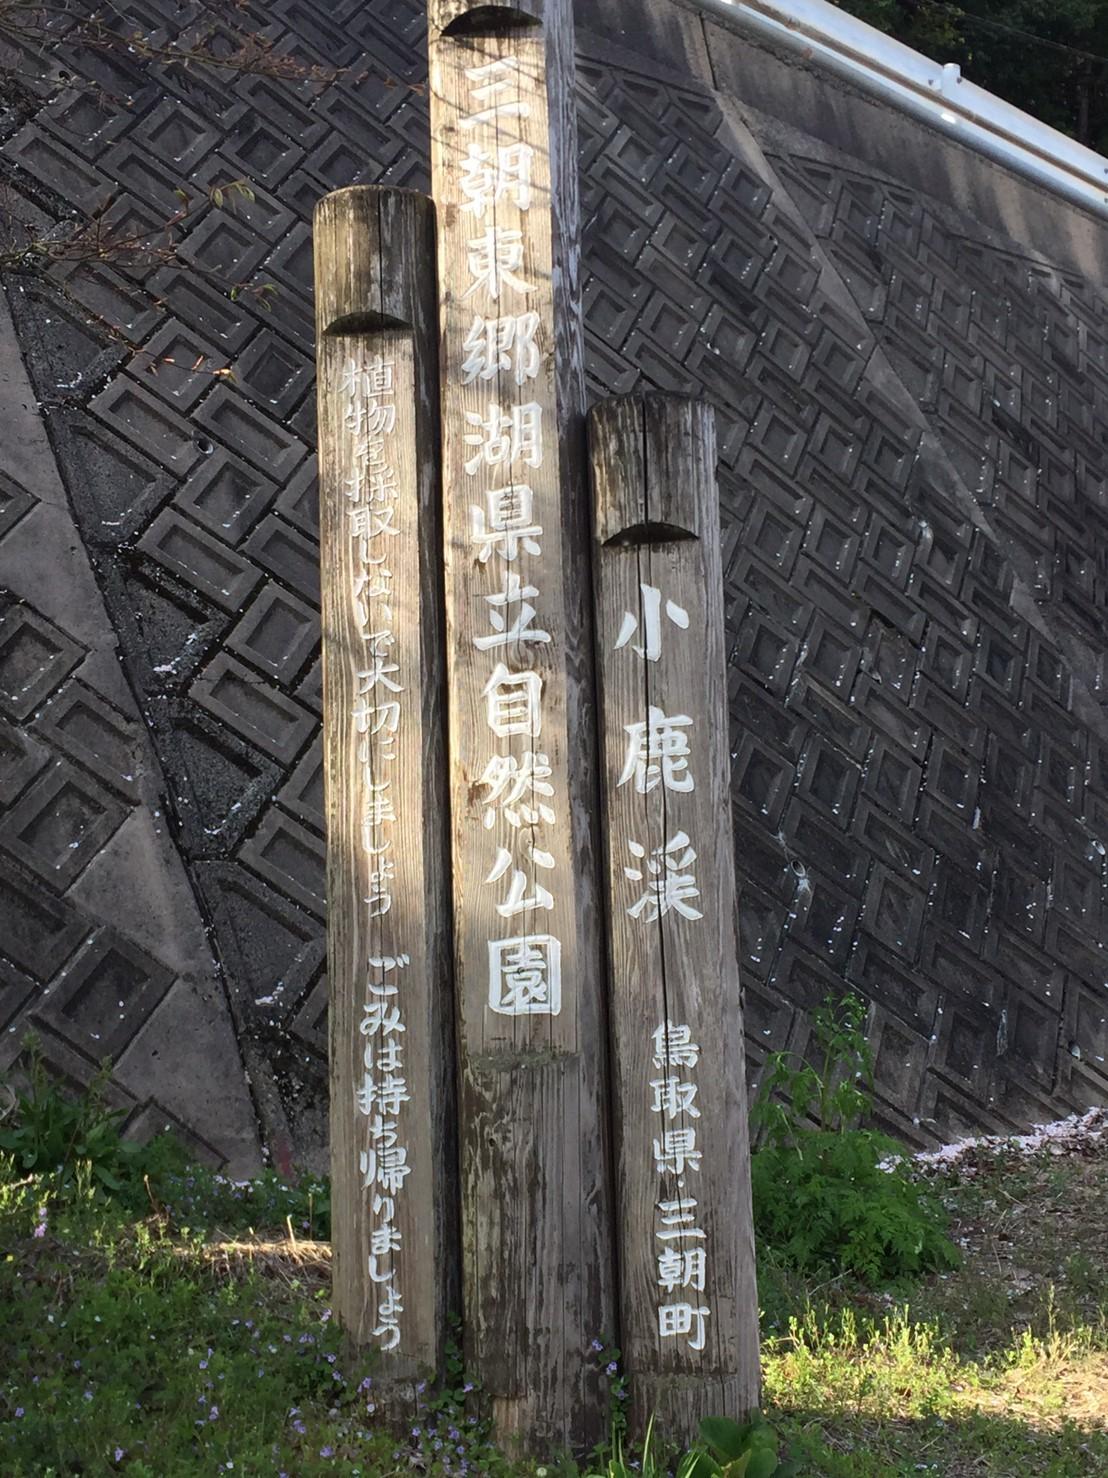 三朝町神倉の源平桃・冠岩・小鹿渓_e0115904_21211352.jpg